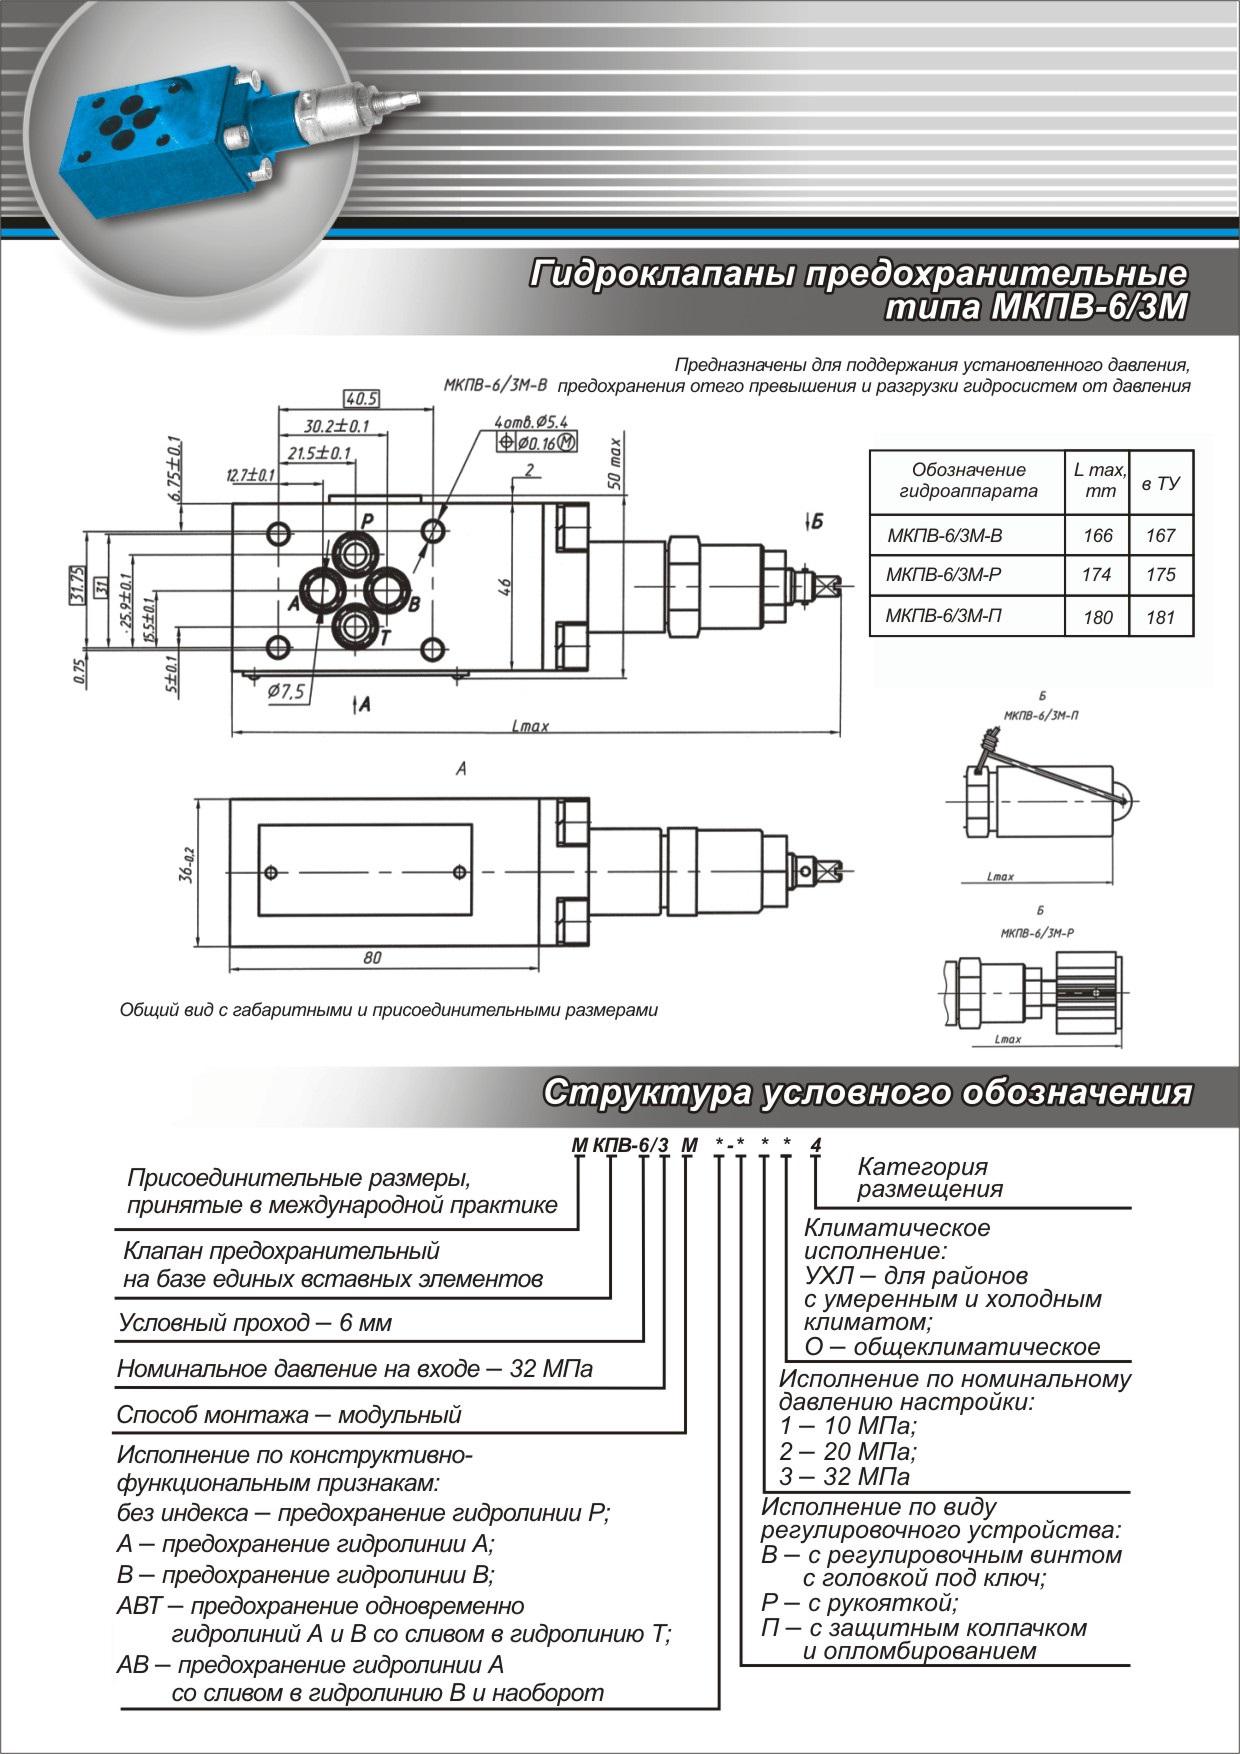 Gidroklapany-predohranitelnye-tipa-MKPV-6.3M